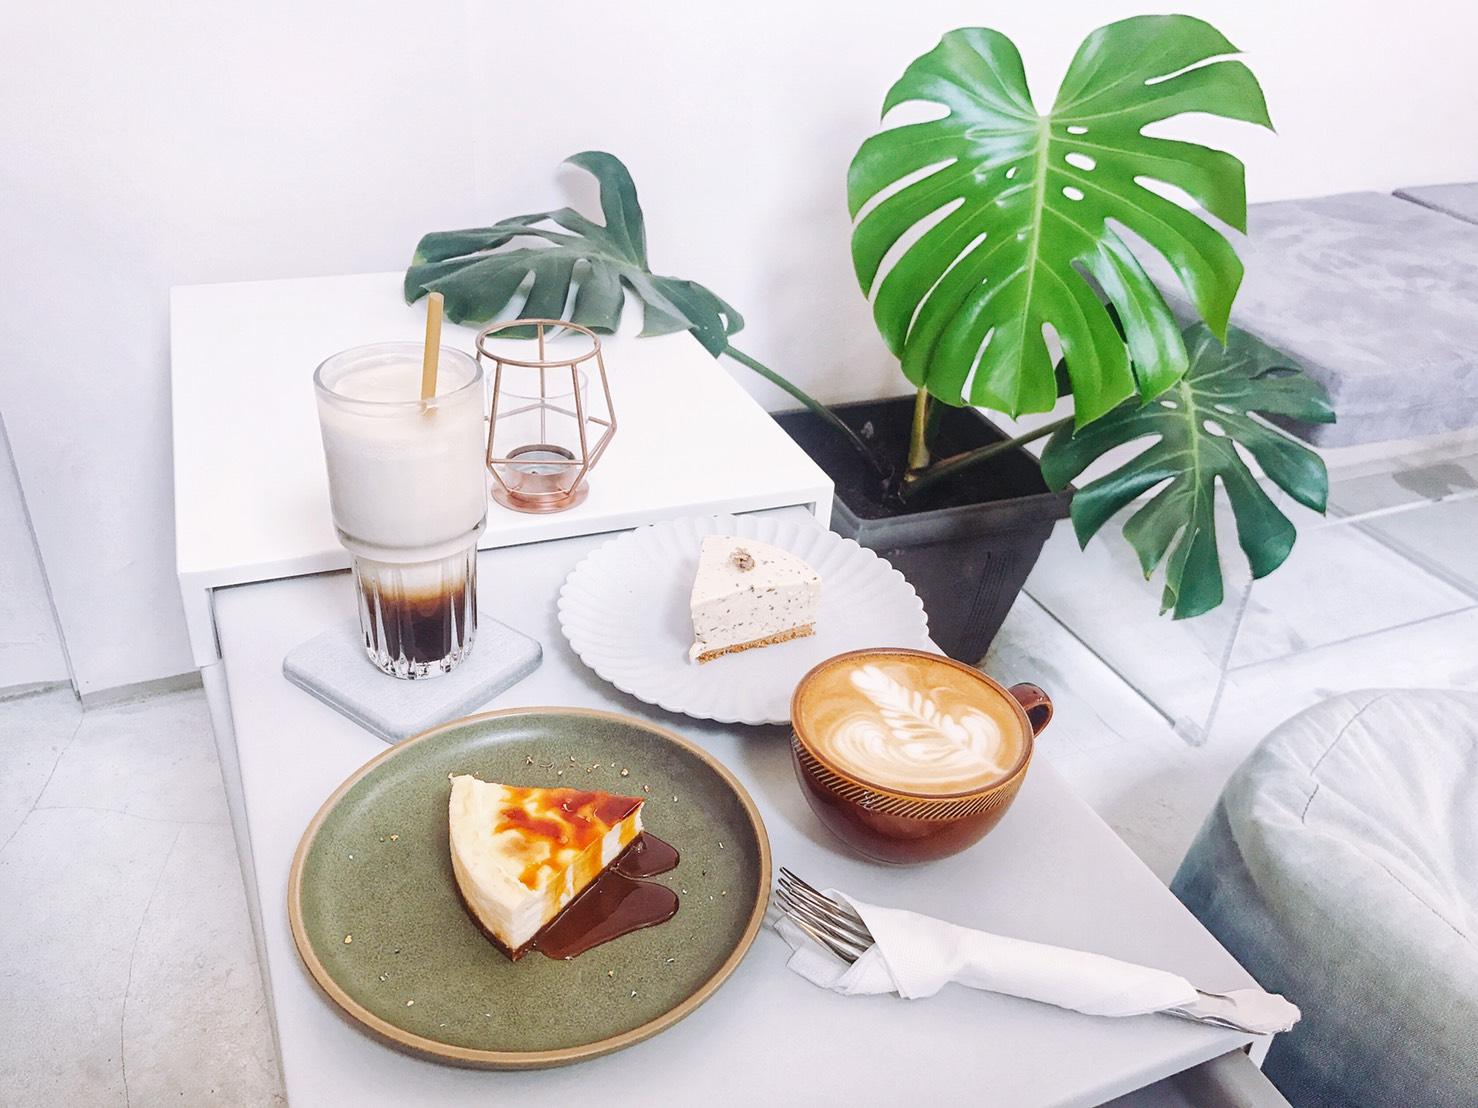 Aruchuu 麓鳩咖啡廳,歡迎寵物、免費 wifi 又好拍的網美店!